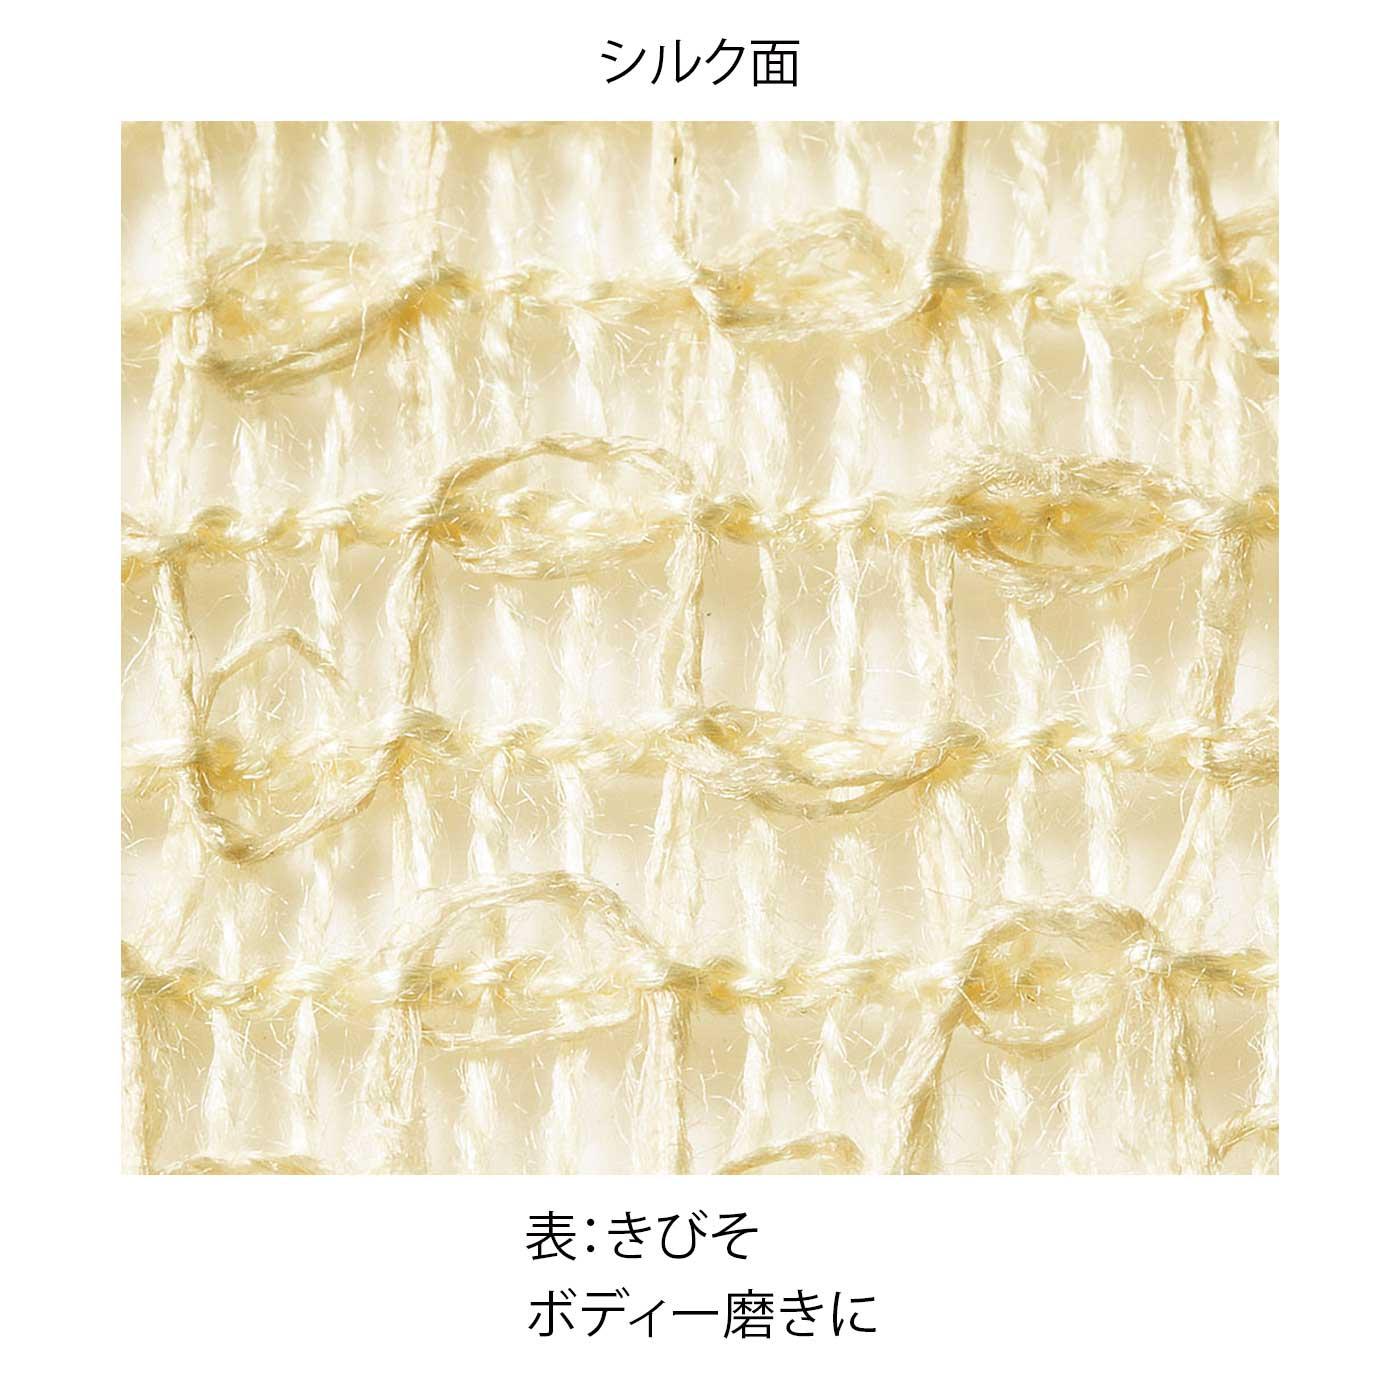 蚕が最初にはき出す糸から紡がれるシルク、『きびそ』。ドライな状態ではごわごわしていますが、ぬらすと適度なコシに変わります。